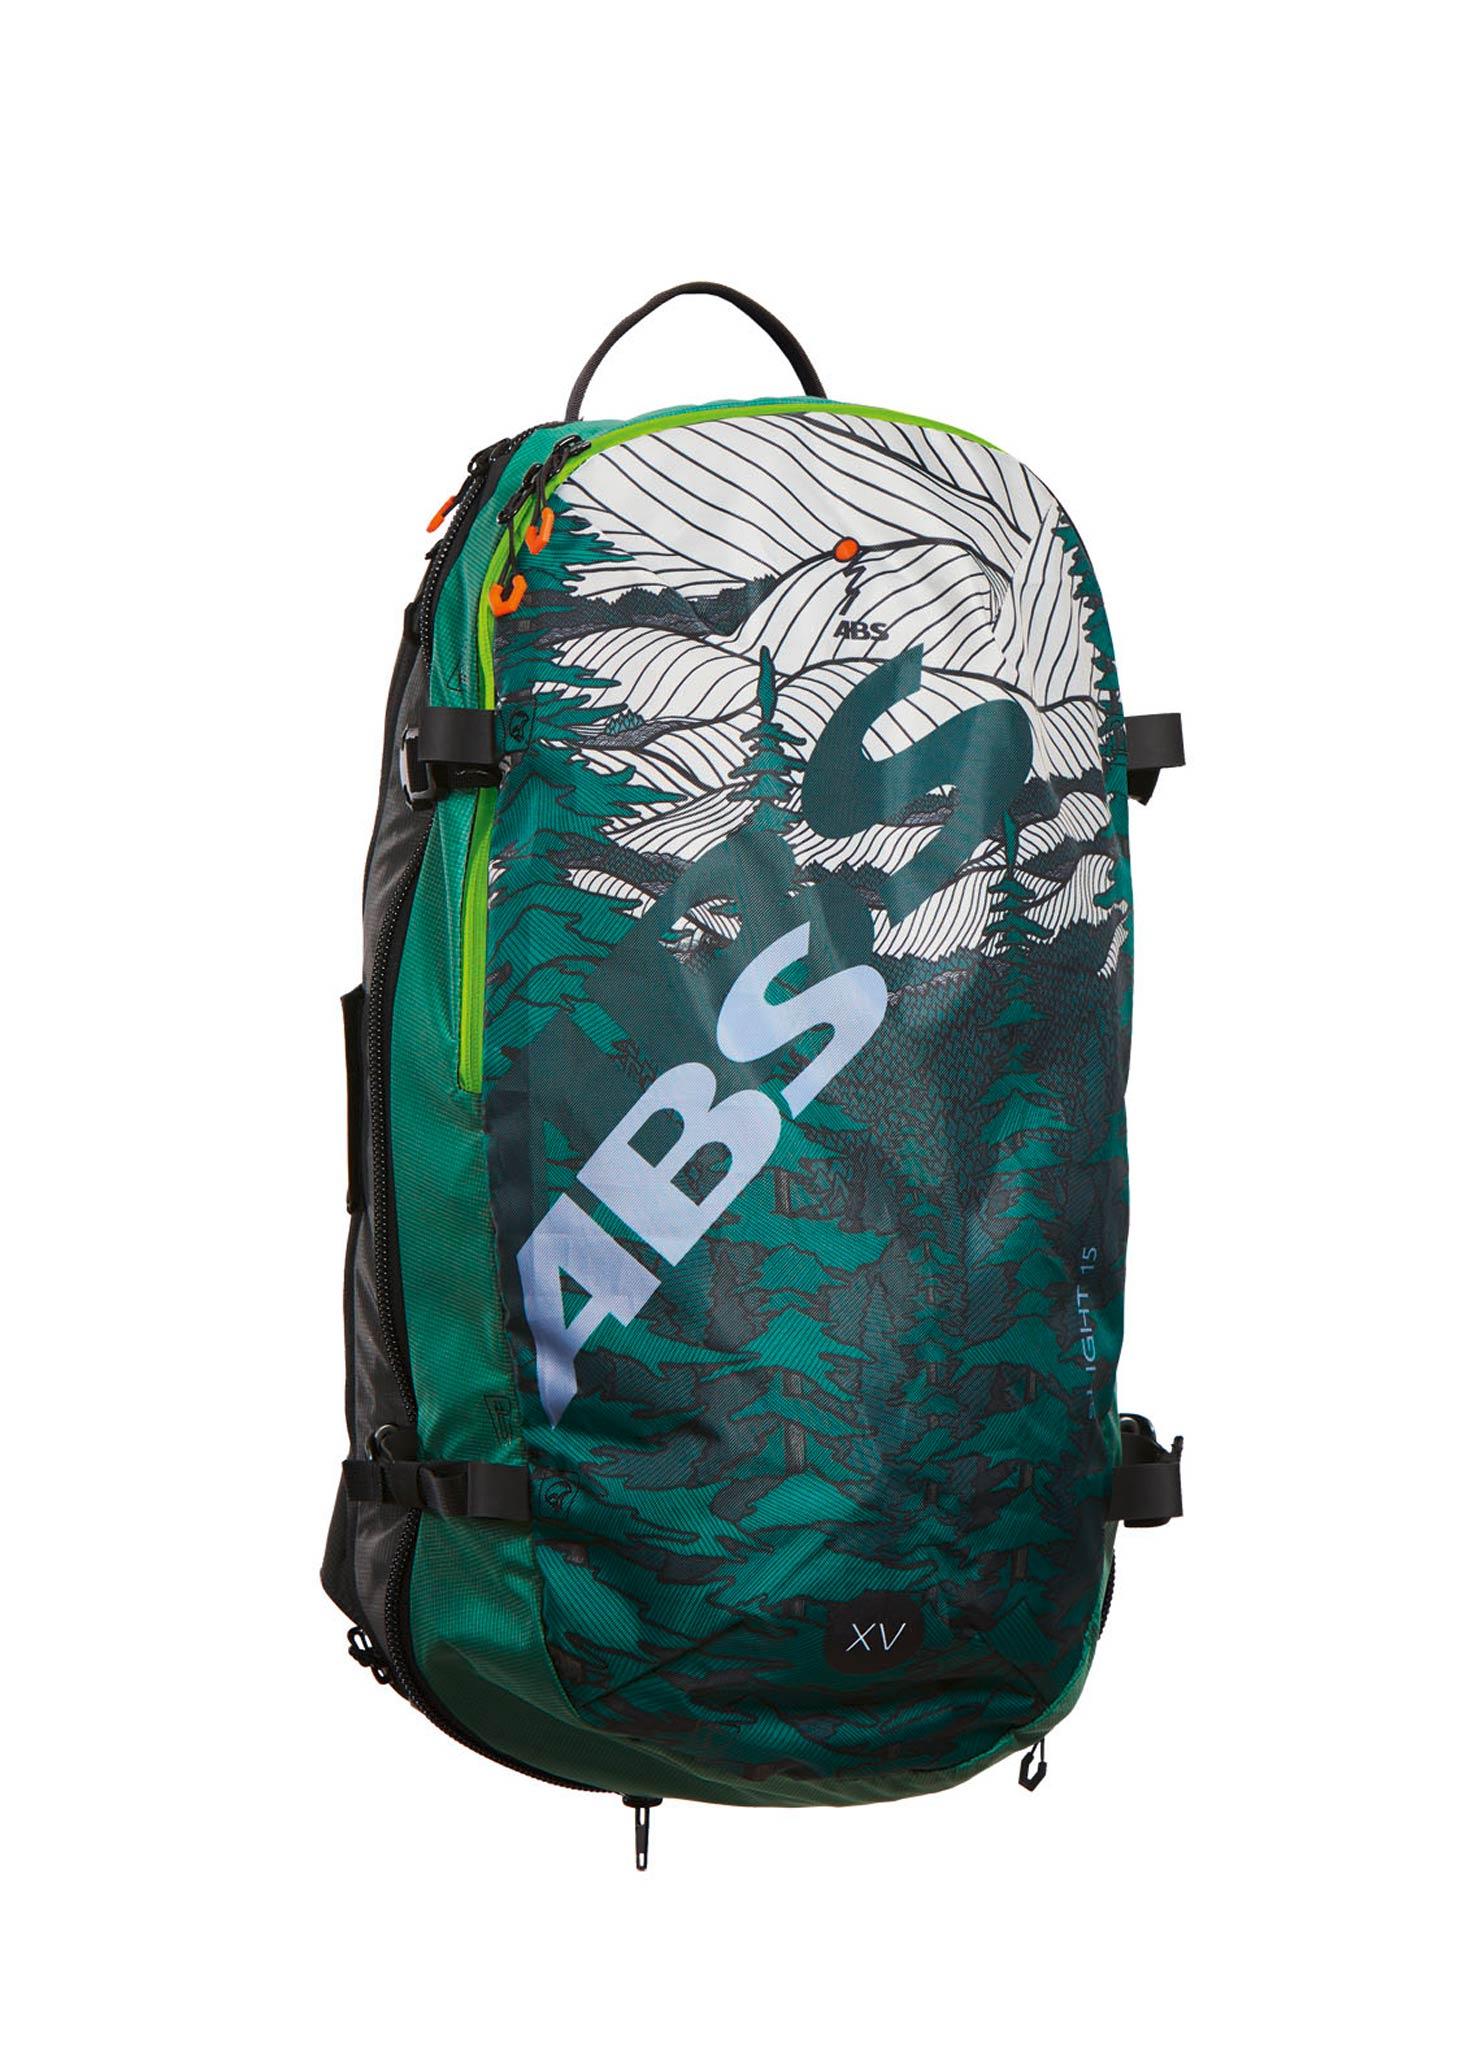 ABS S.Light Compact: Beide Airbags werden unabhängig voneinander durch eine Gaskartusche und mithilfe einer Venturi- Düse innerhalb von zwei bis drei Sekunden bis zu einem Volumen von insgesamt 170 Litern mit Luft befüllt